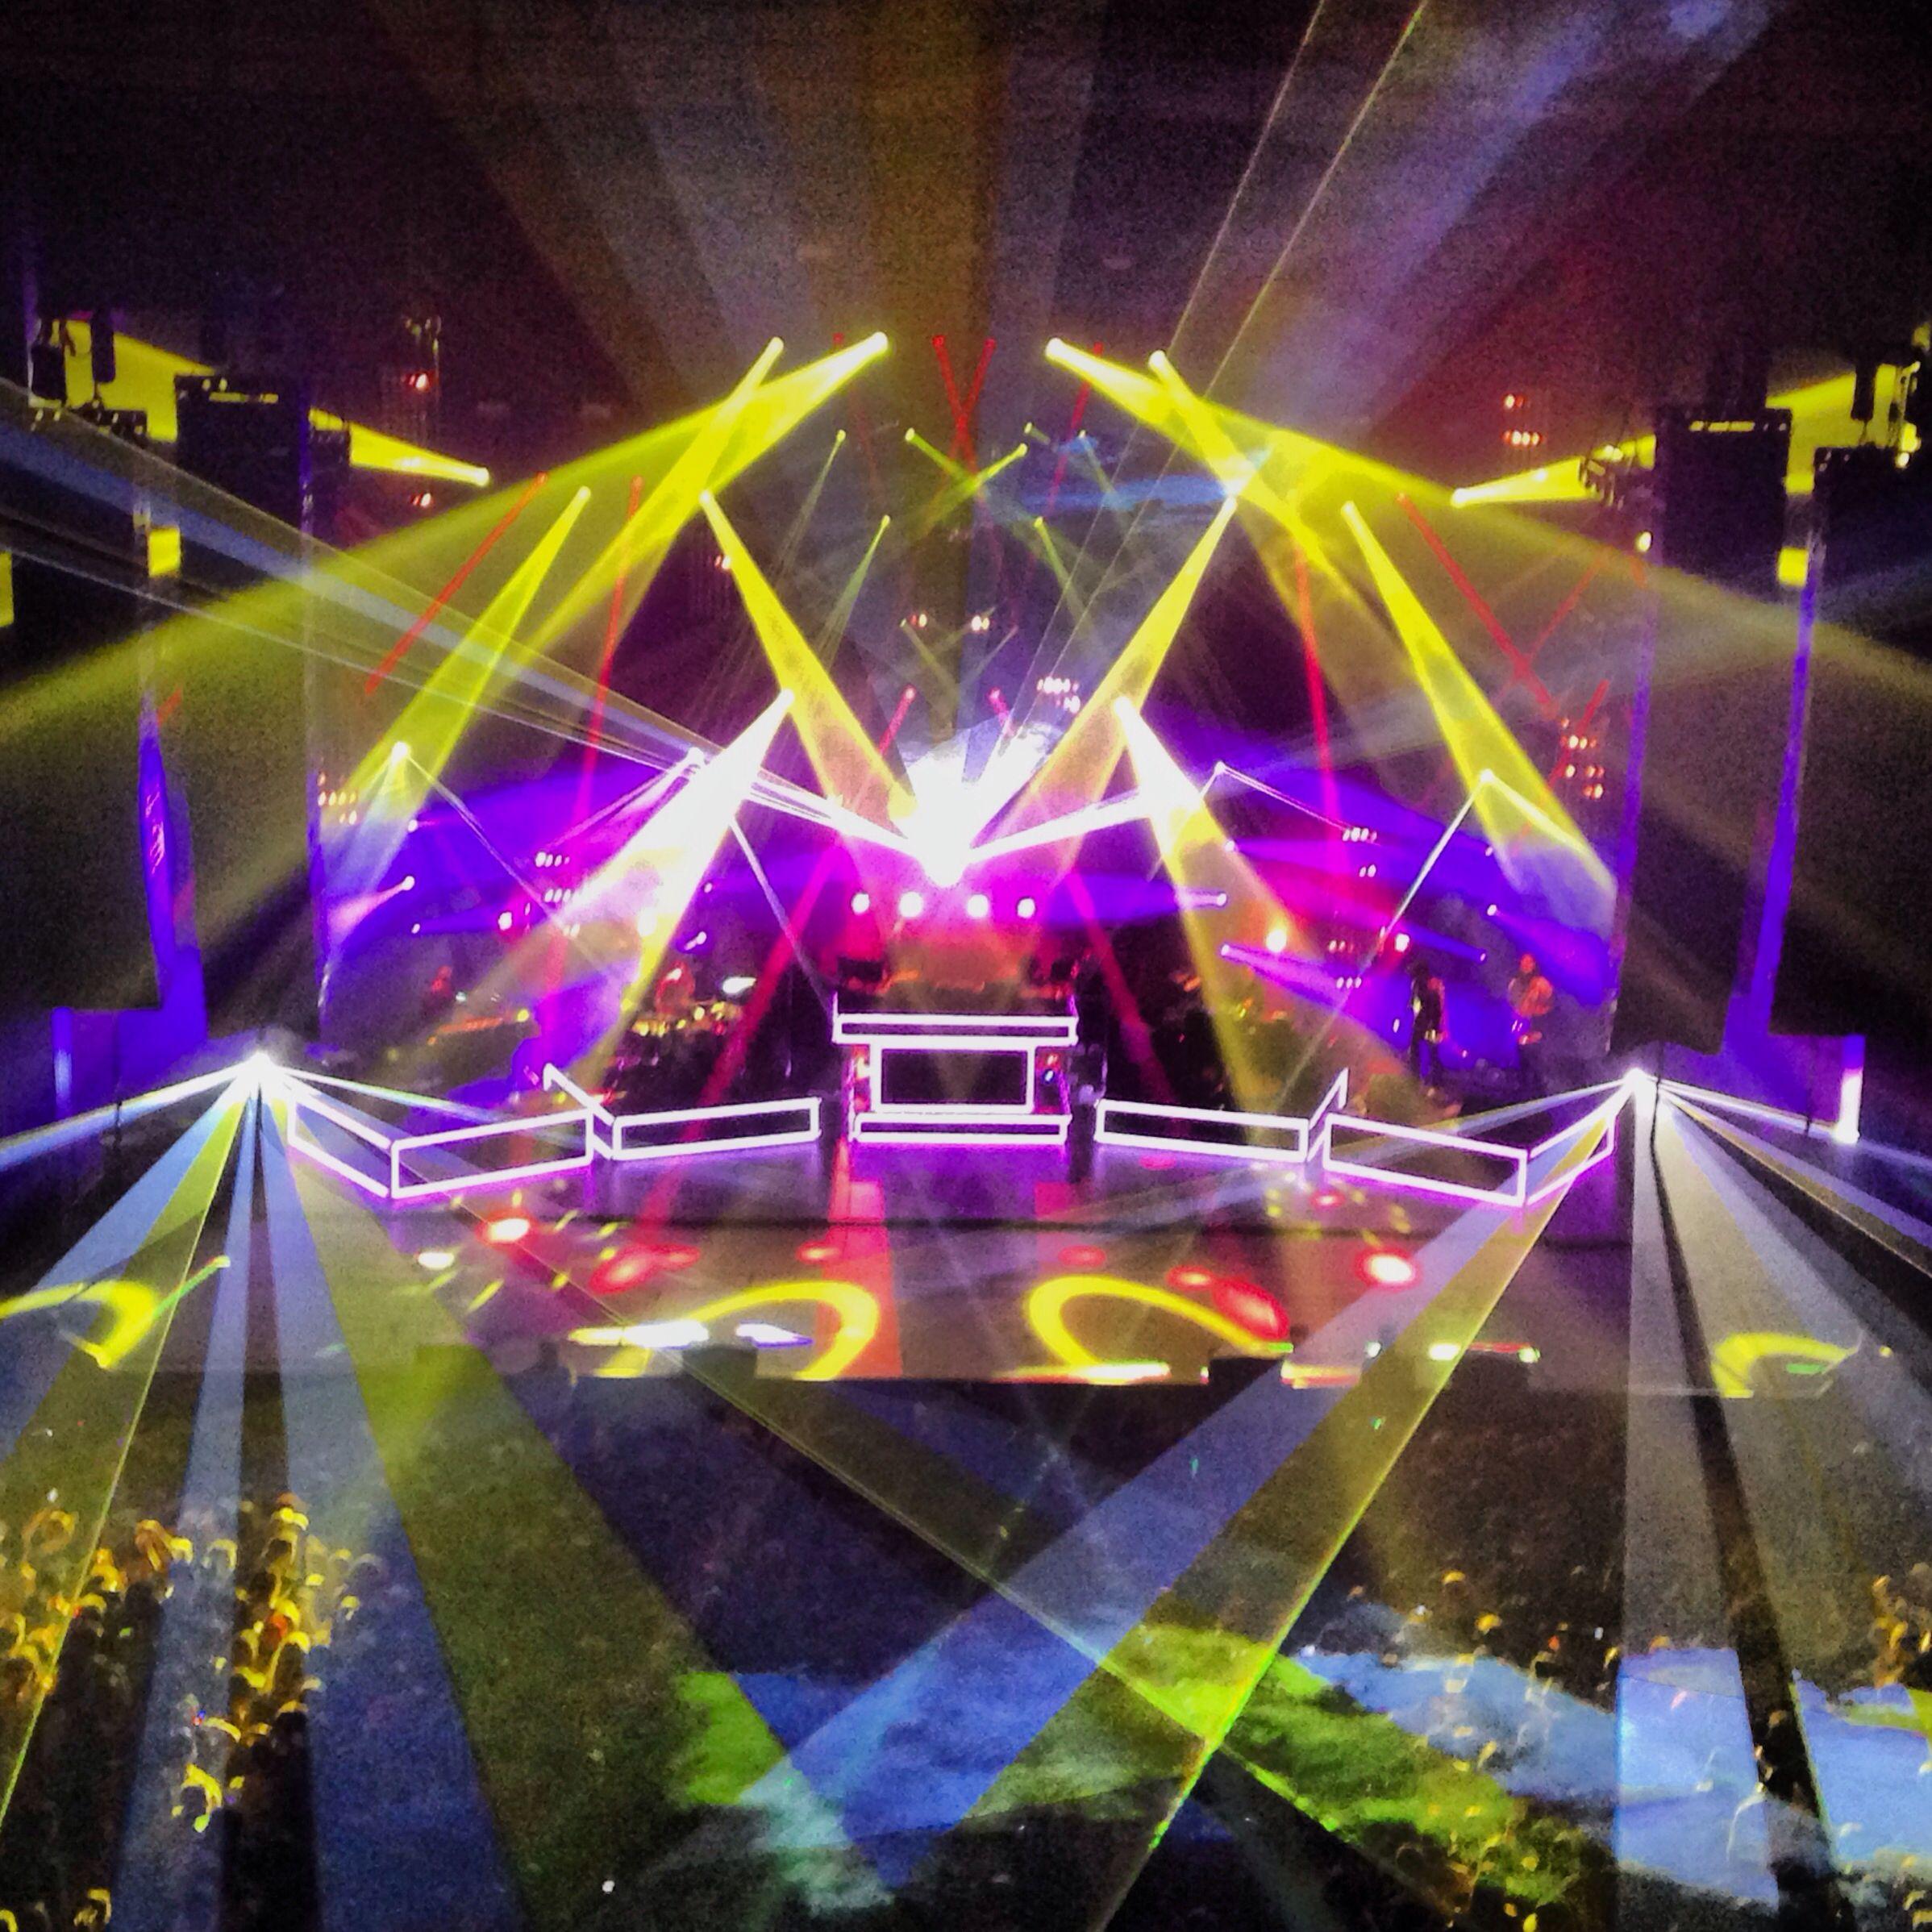 Jamie Renee Edm Plur Prettylights Plpics Rave Lasers Stage Lighting Design Dance Club Stage Lighting